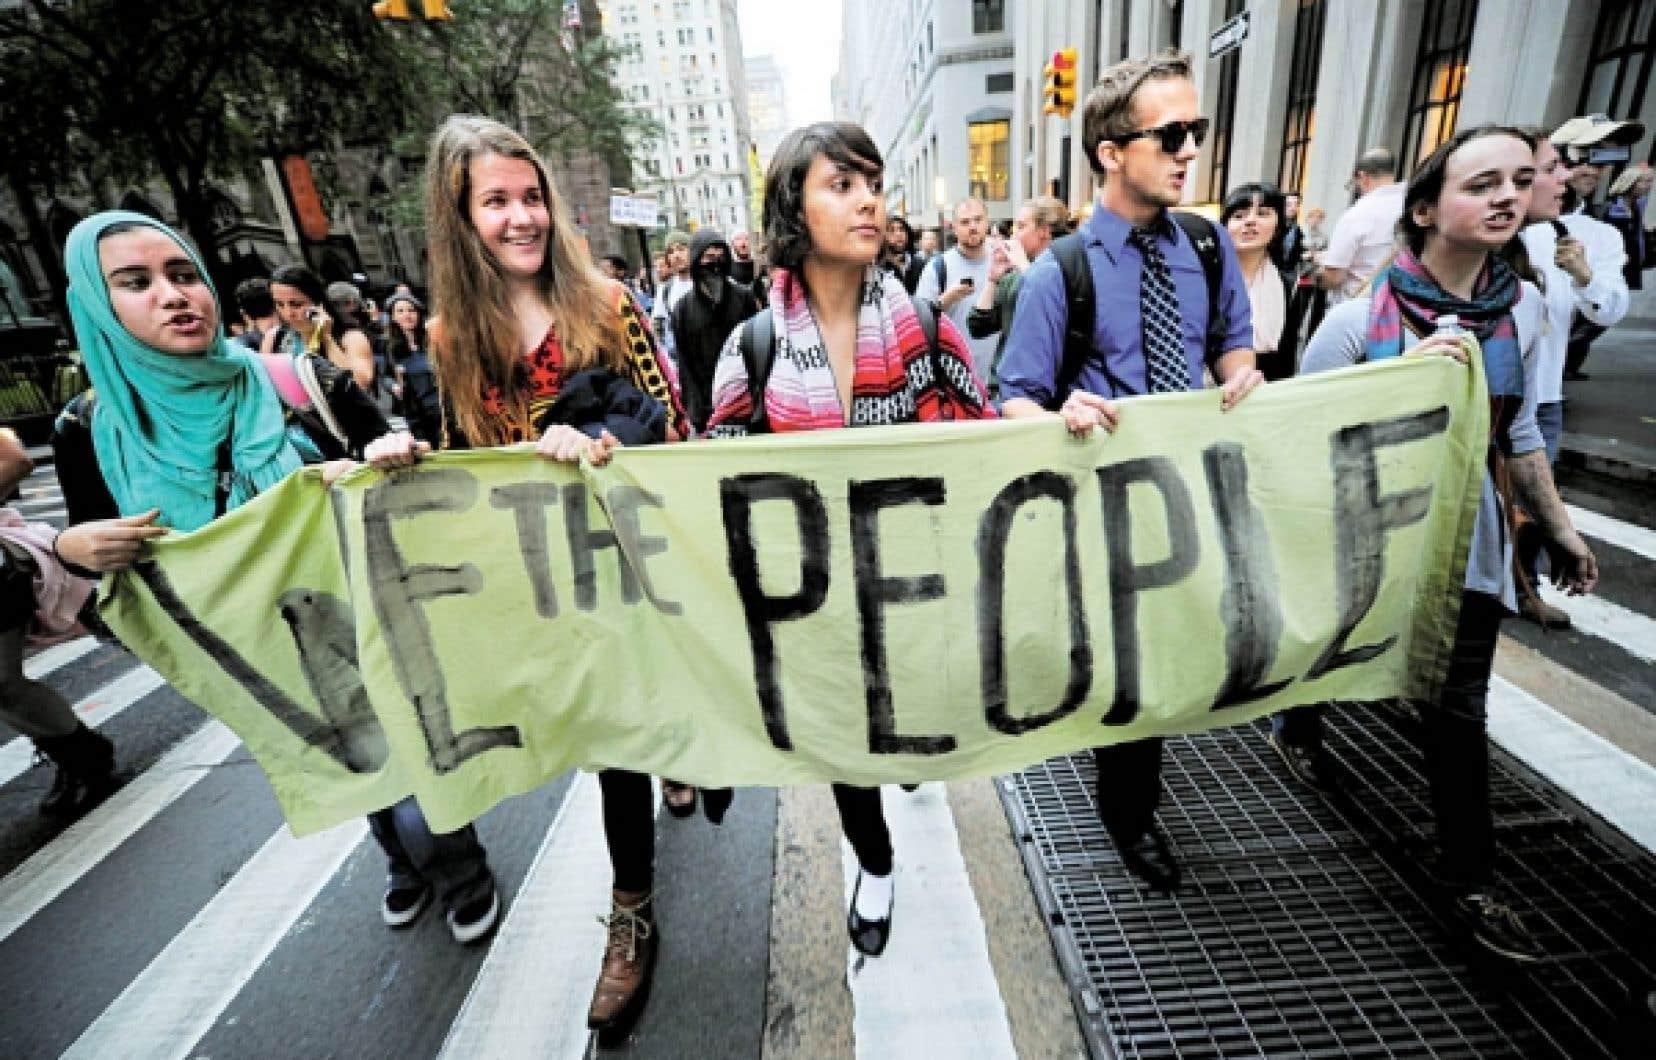 Apr&egrave;s un mois de manifestations, le mouvement Occupy Wall Street ne d&eacute;montre encore aucun signe d&rsquo;essoufflement.<br />